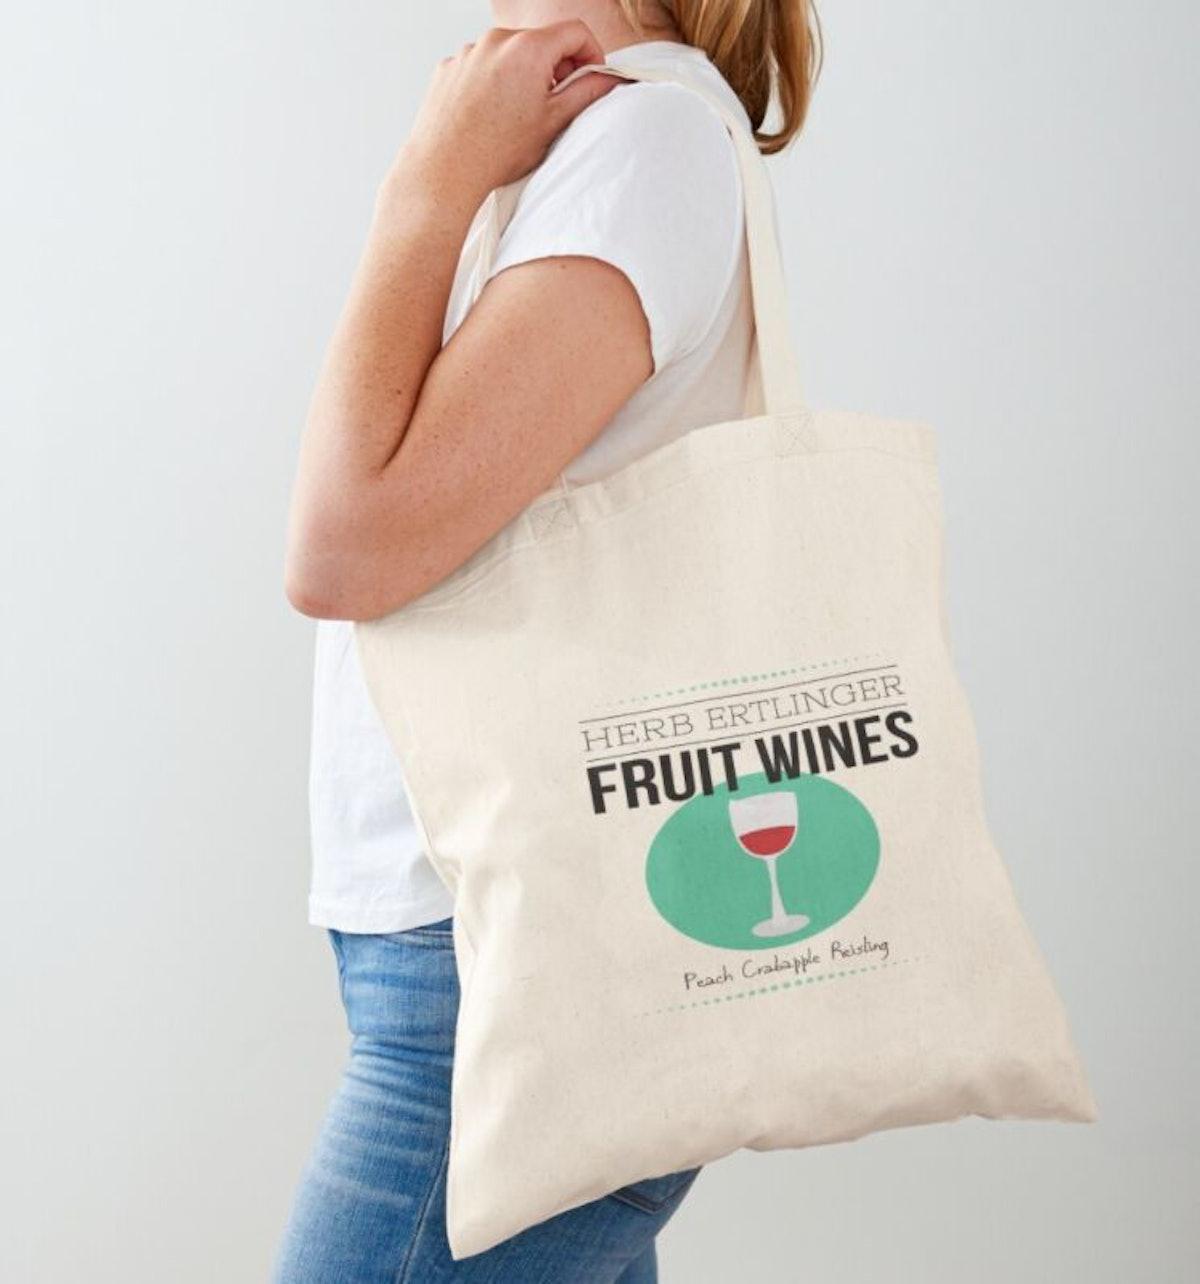 Schitts Creek Herb Ertlinger Fruit Wine Moira Rose Fan Art Tote Bag